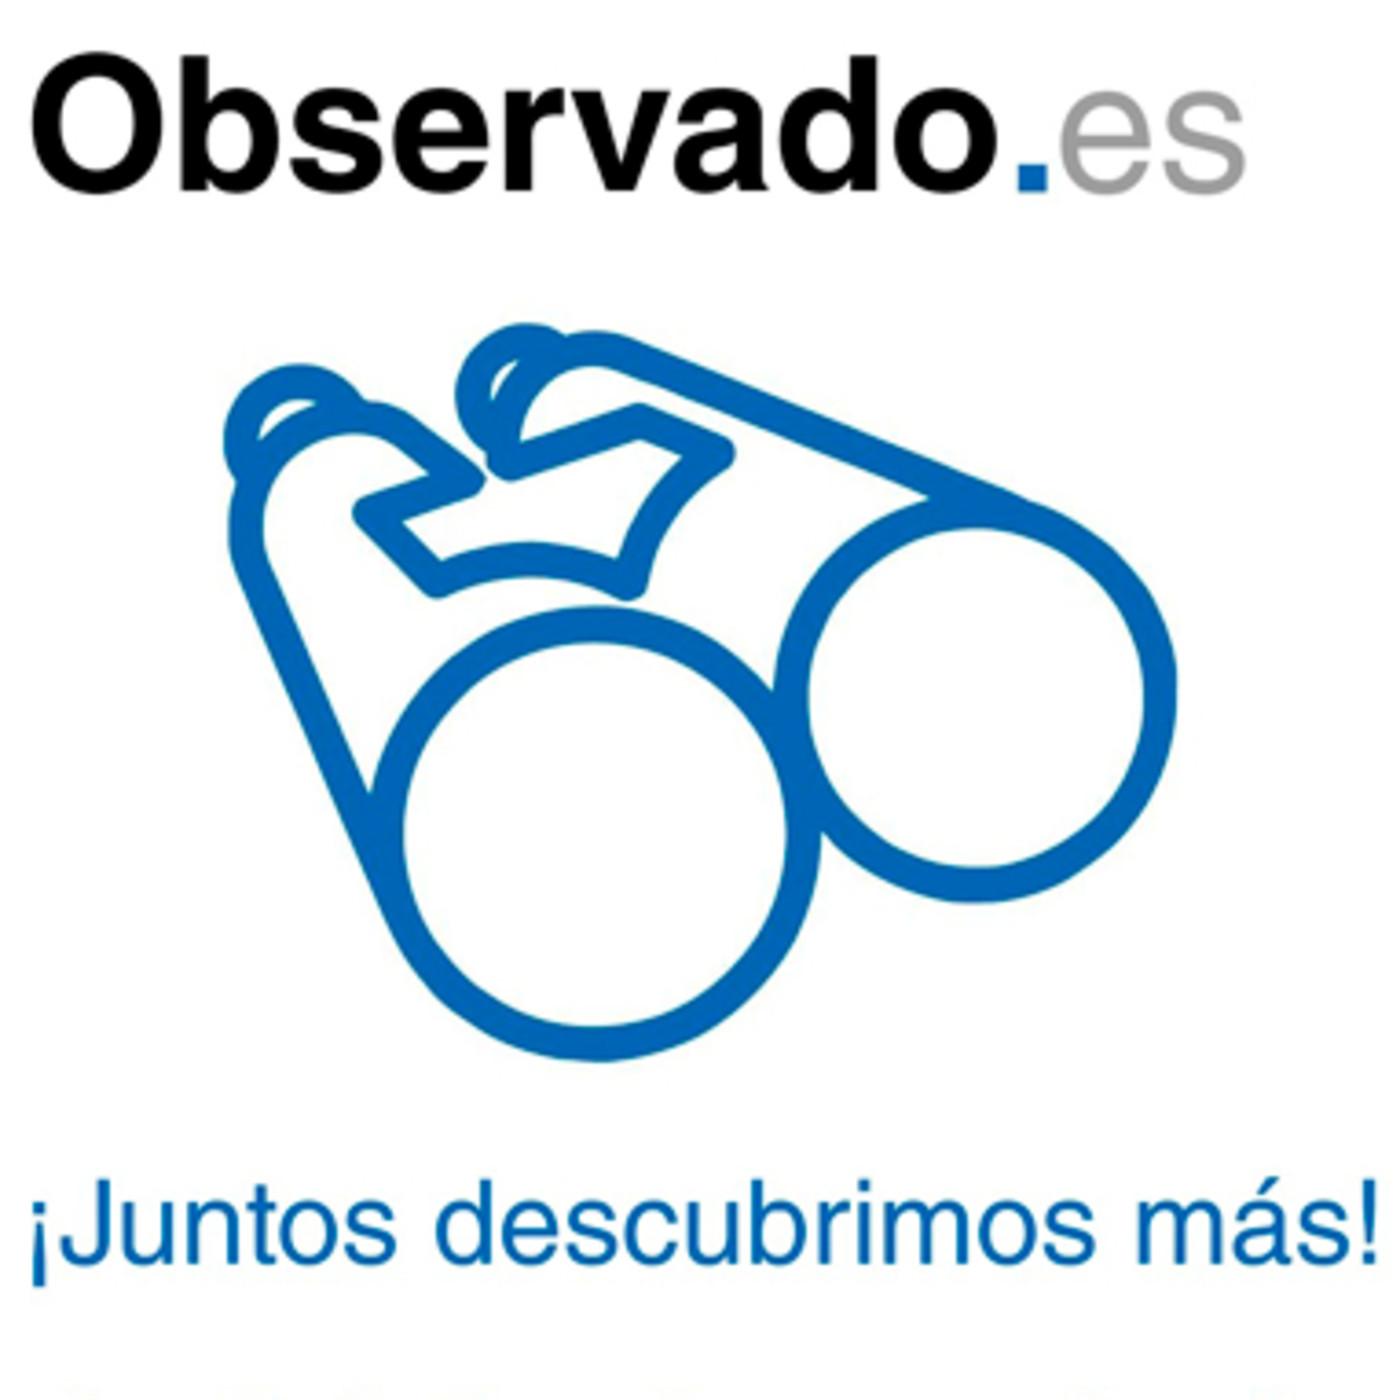 Entrevista a Eduardo y Julio, administradores del portal de ciencia ciudadana Observado.es